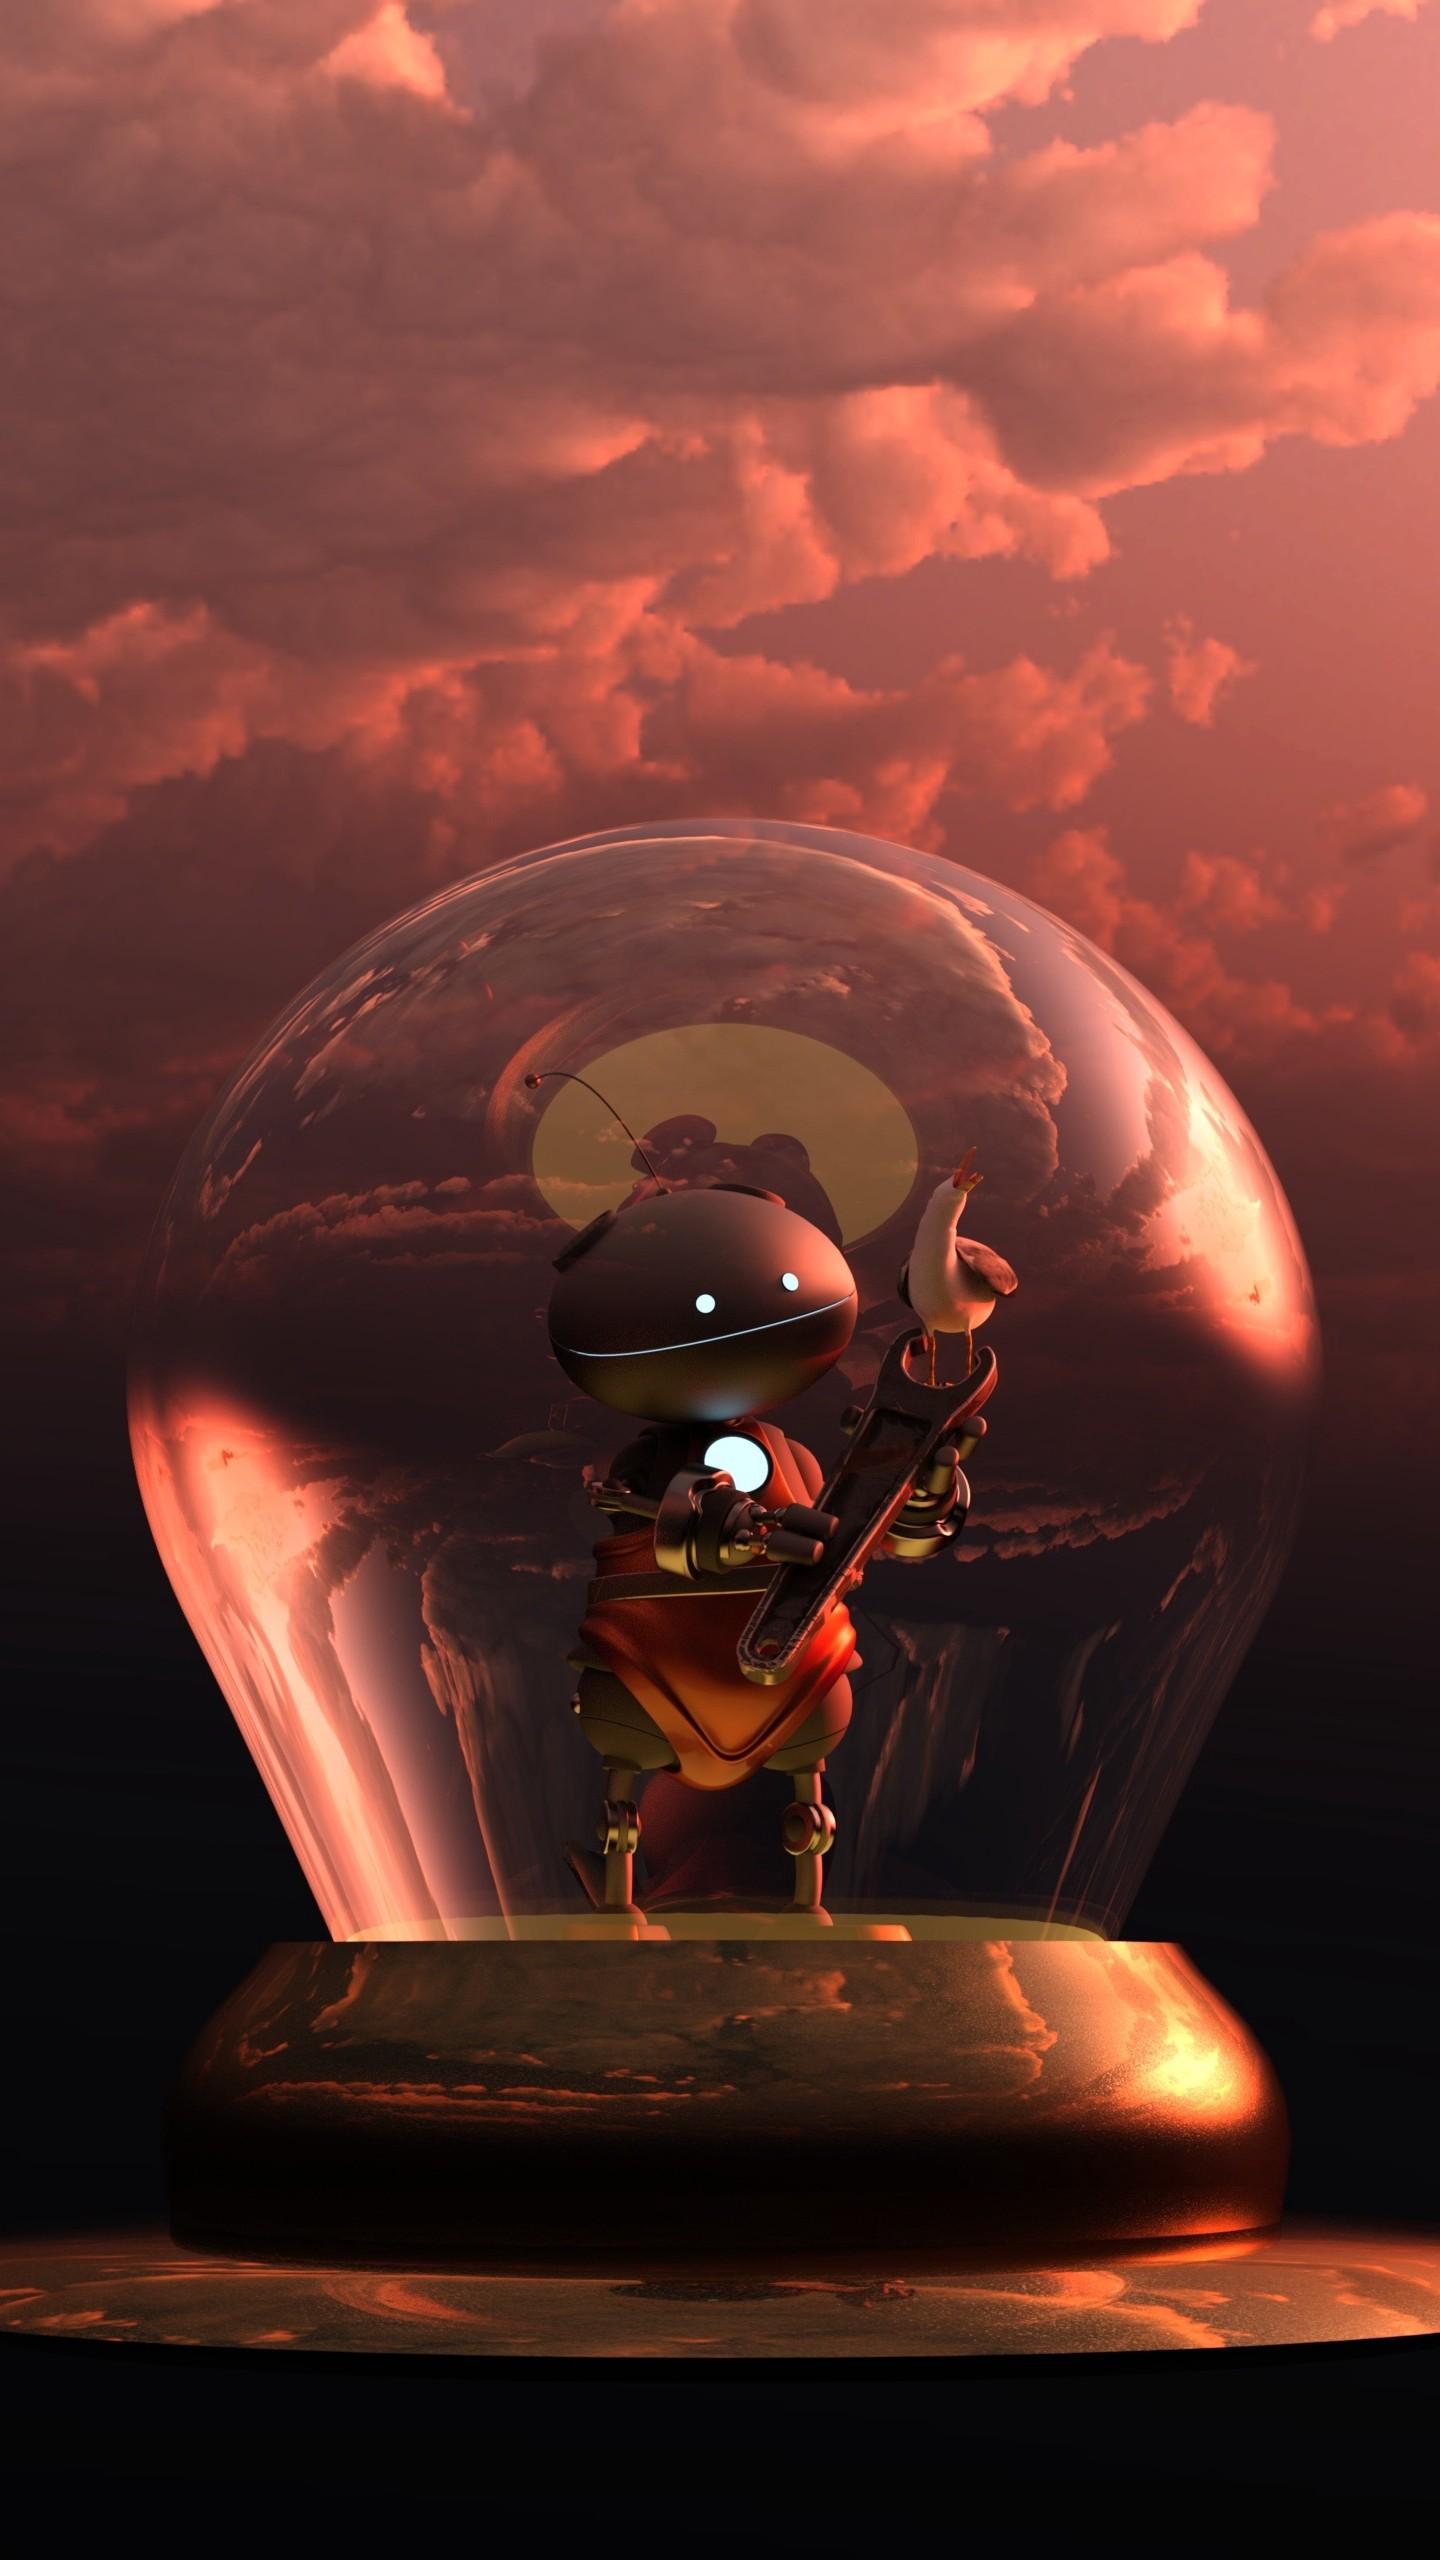 Wallpaper Keren 3d Fictional Character Animation Photography Cg Artwork Art 149058 Wallpaperuse